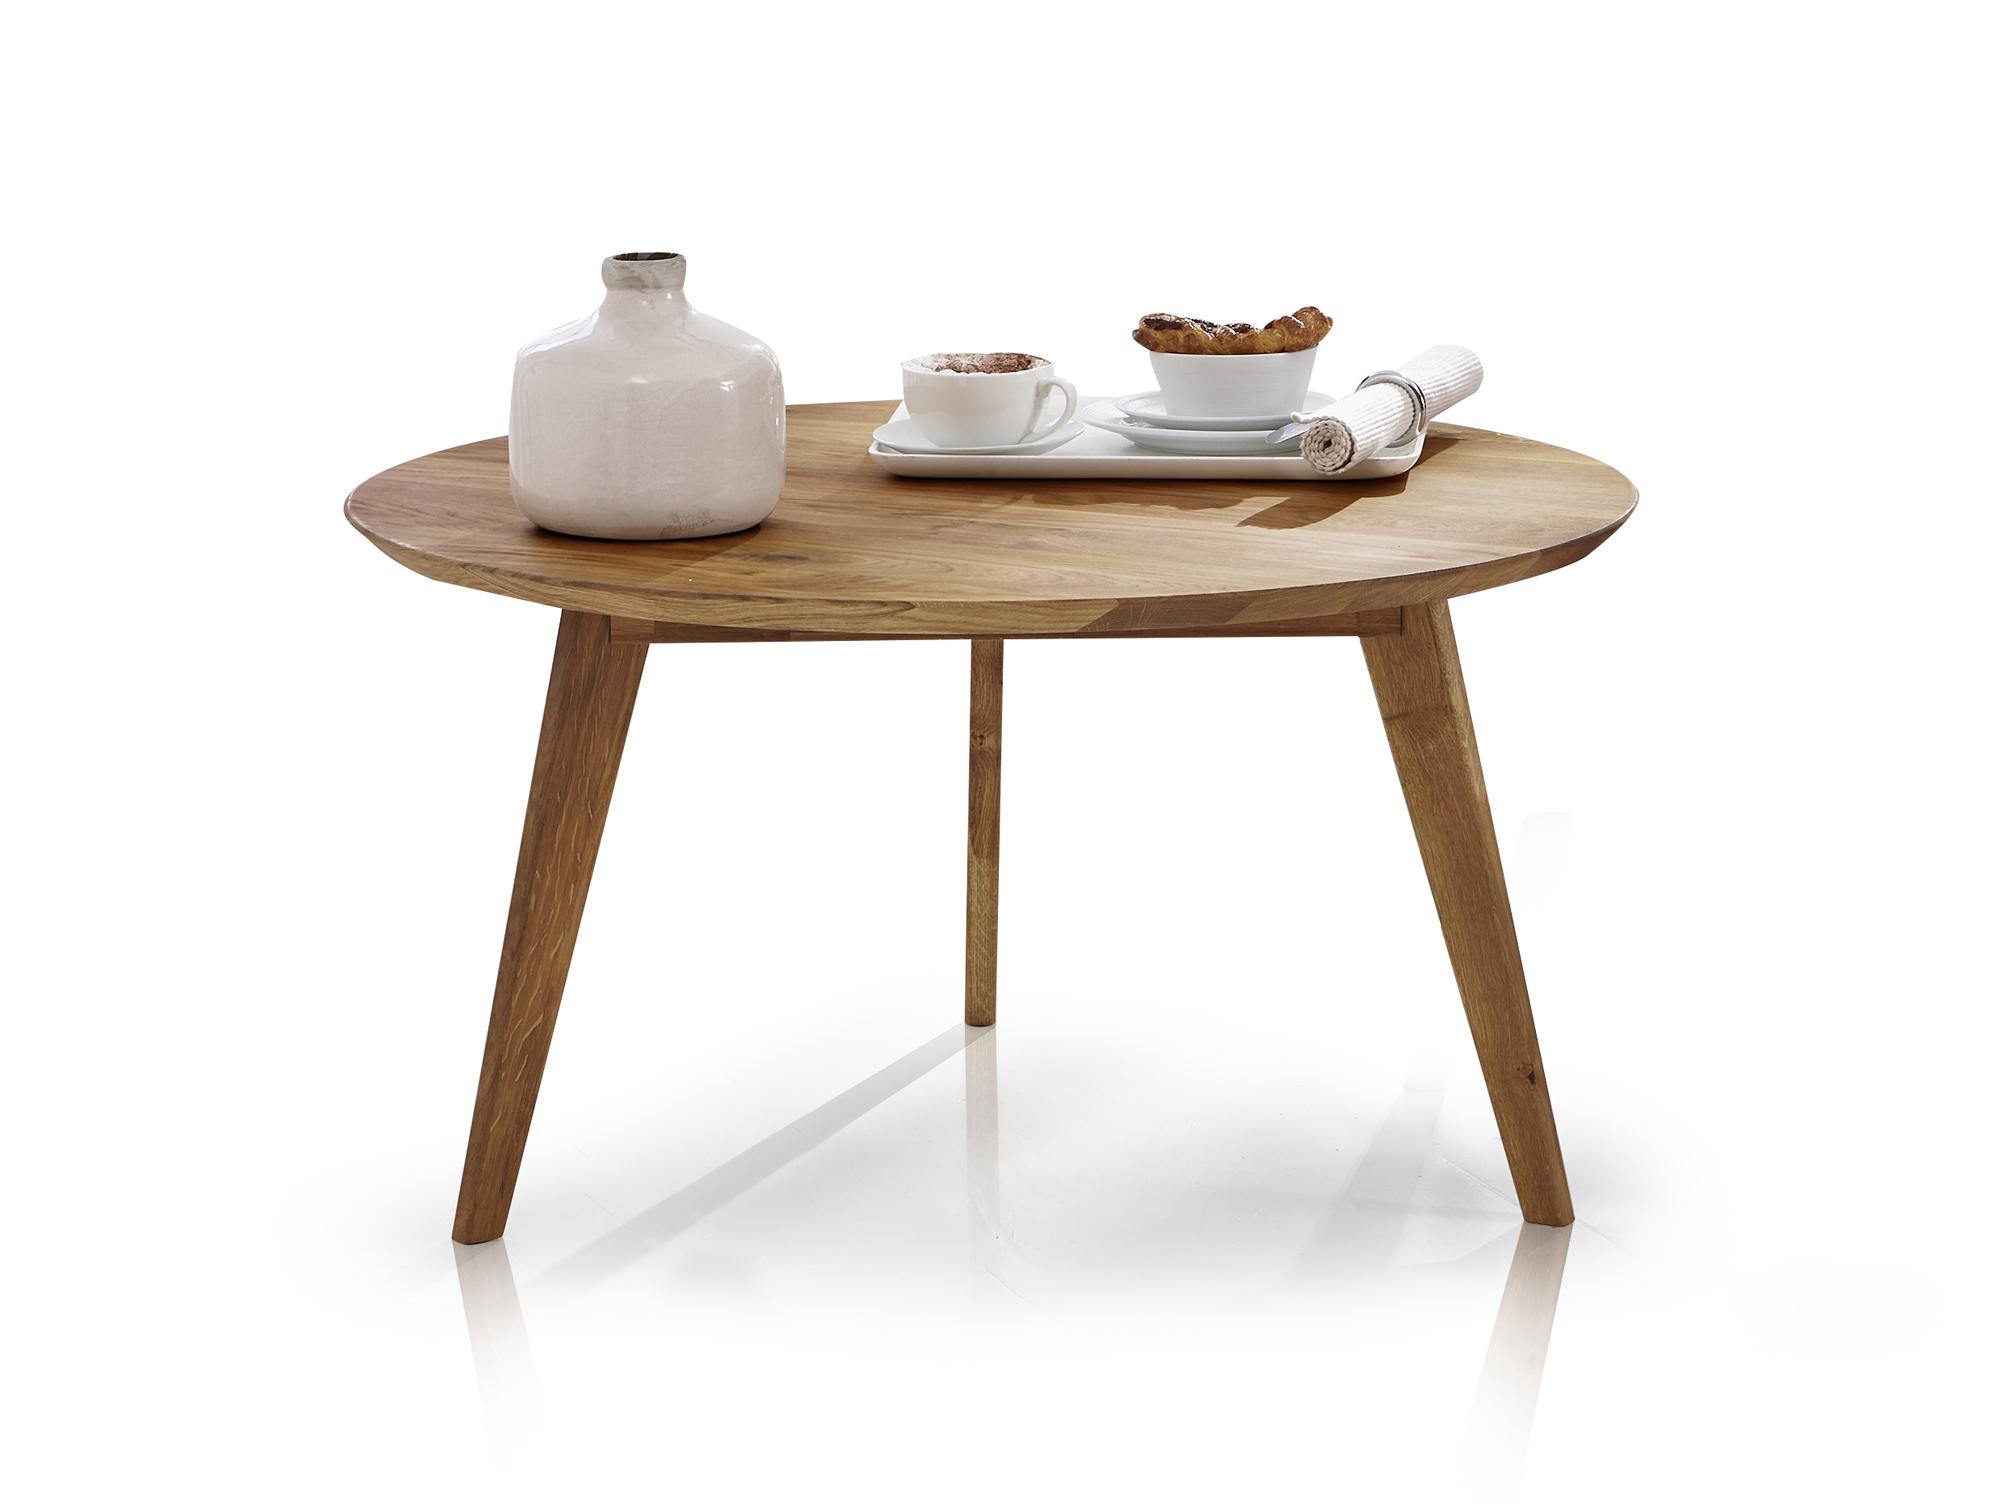 Austin Couchtisch Beistelltisch Wohnzimmertisch Tisch Wildeiche Rund